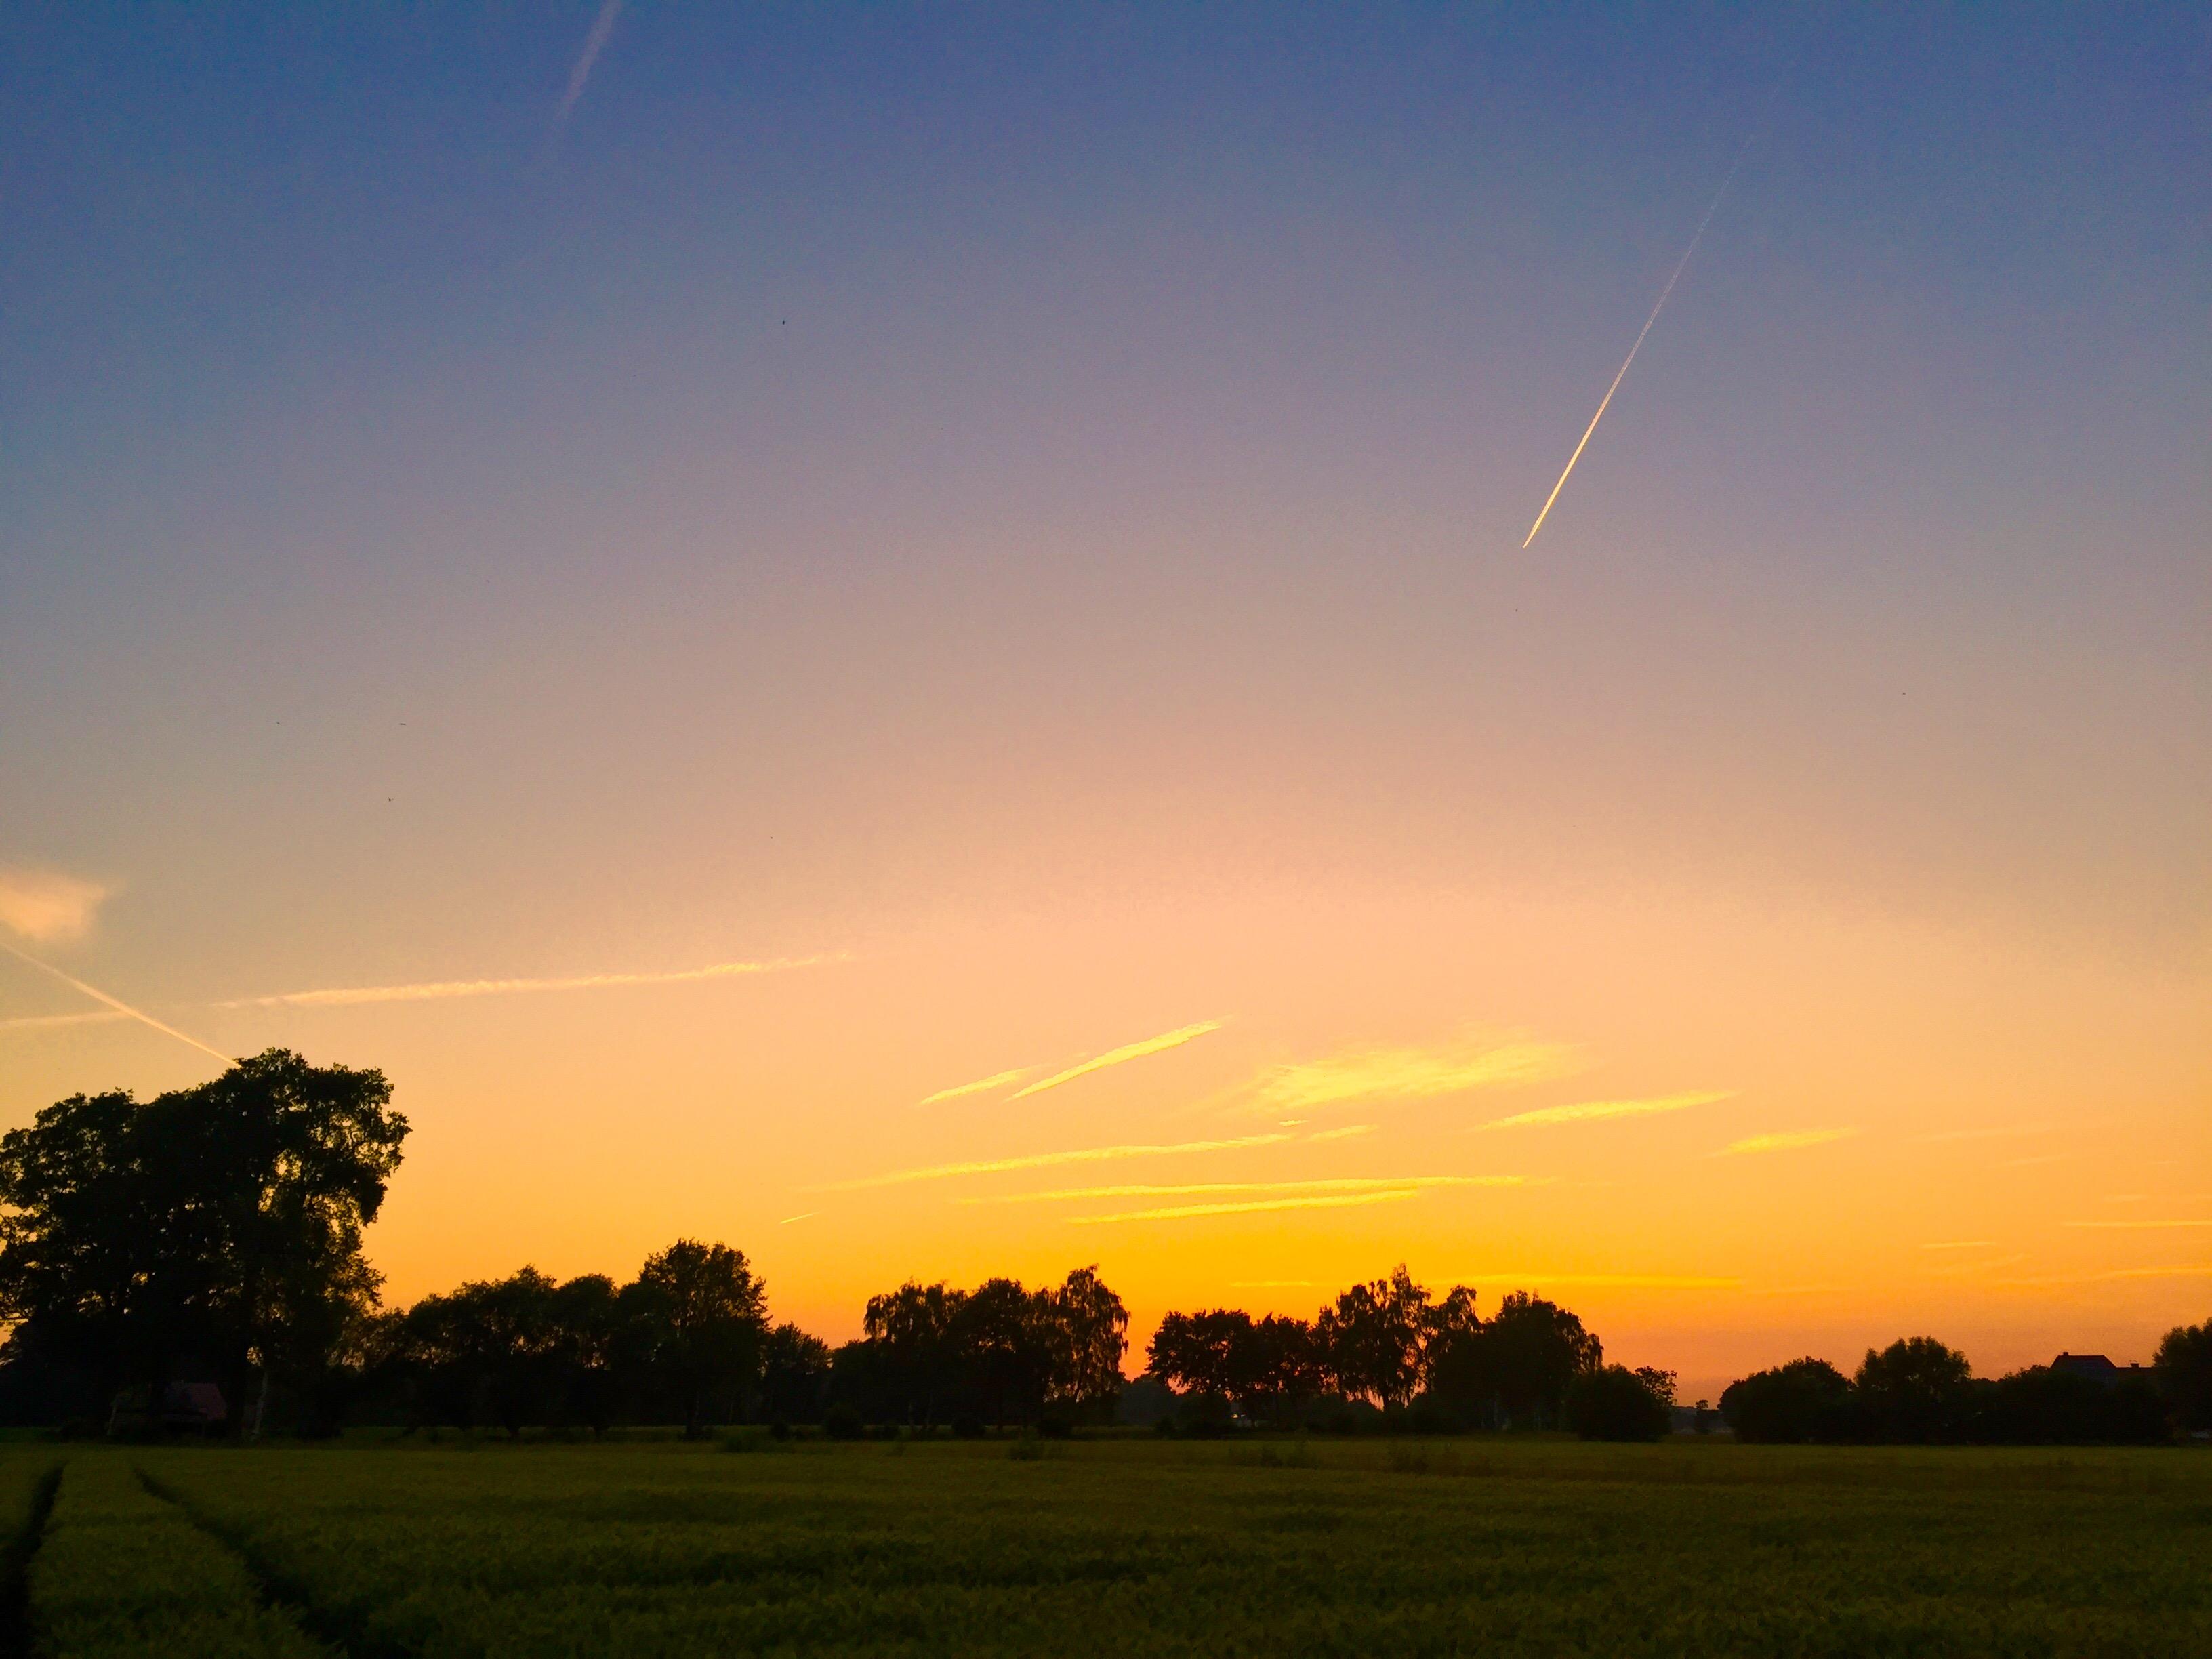 Sonnenuntergang Lippstadt - Wellnesswochenende mit Sauna, Beauty Programm und mehr in Lippstadt verbringen